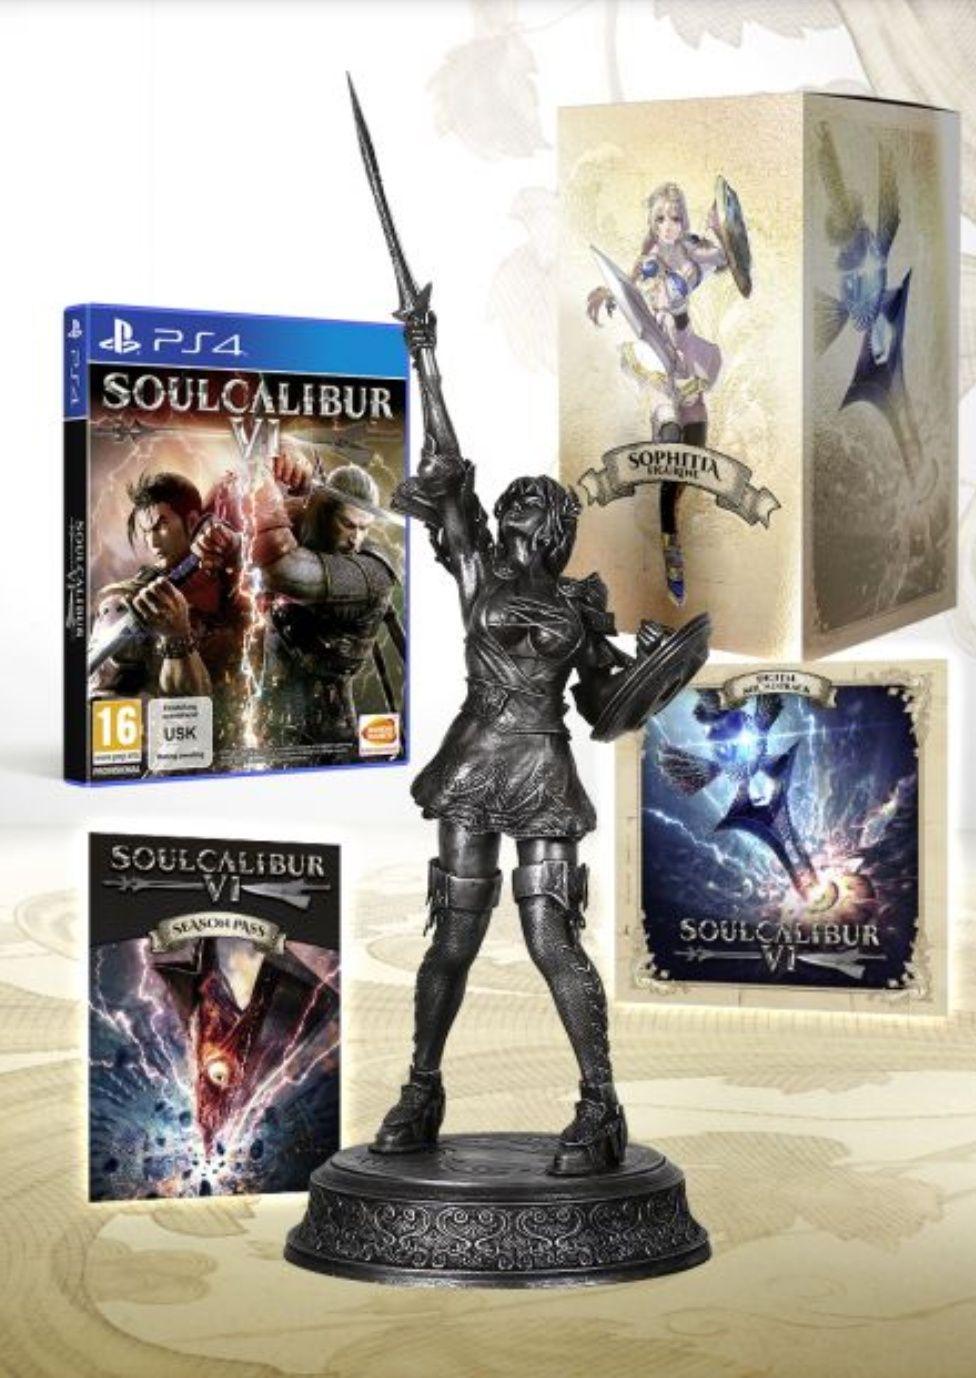 Soul Calibur VI Silver Collector Edition